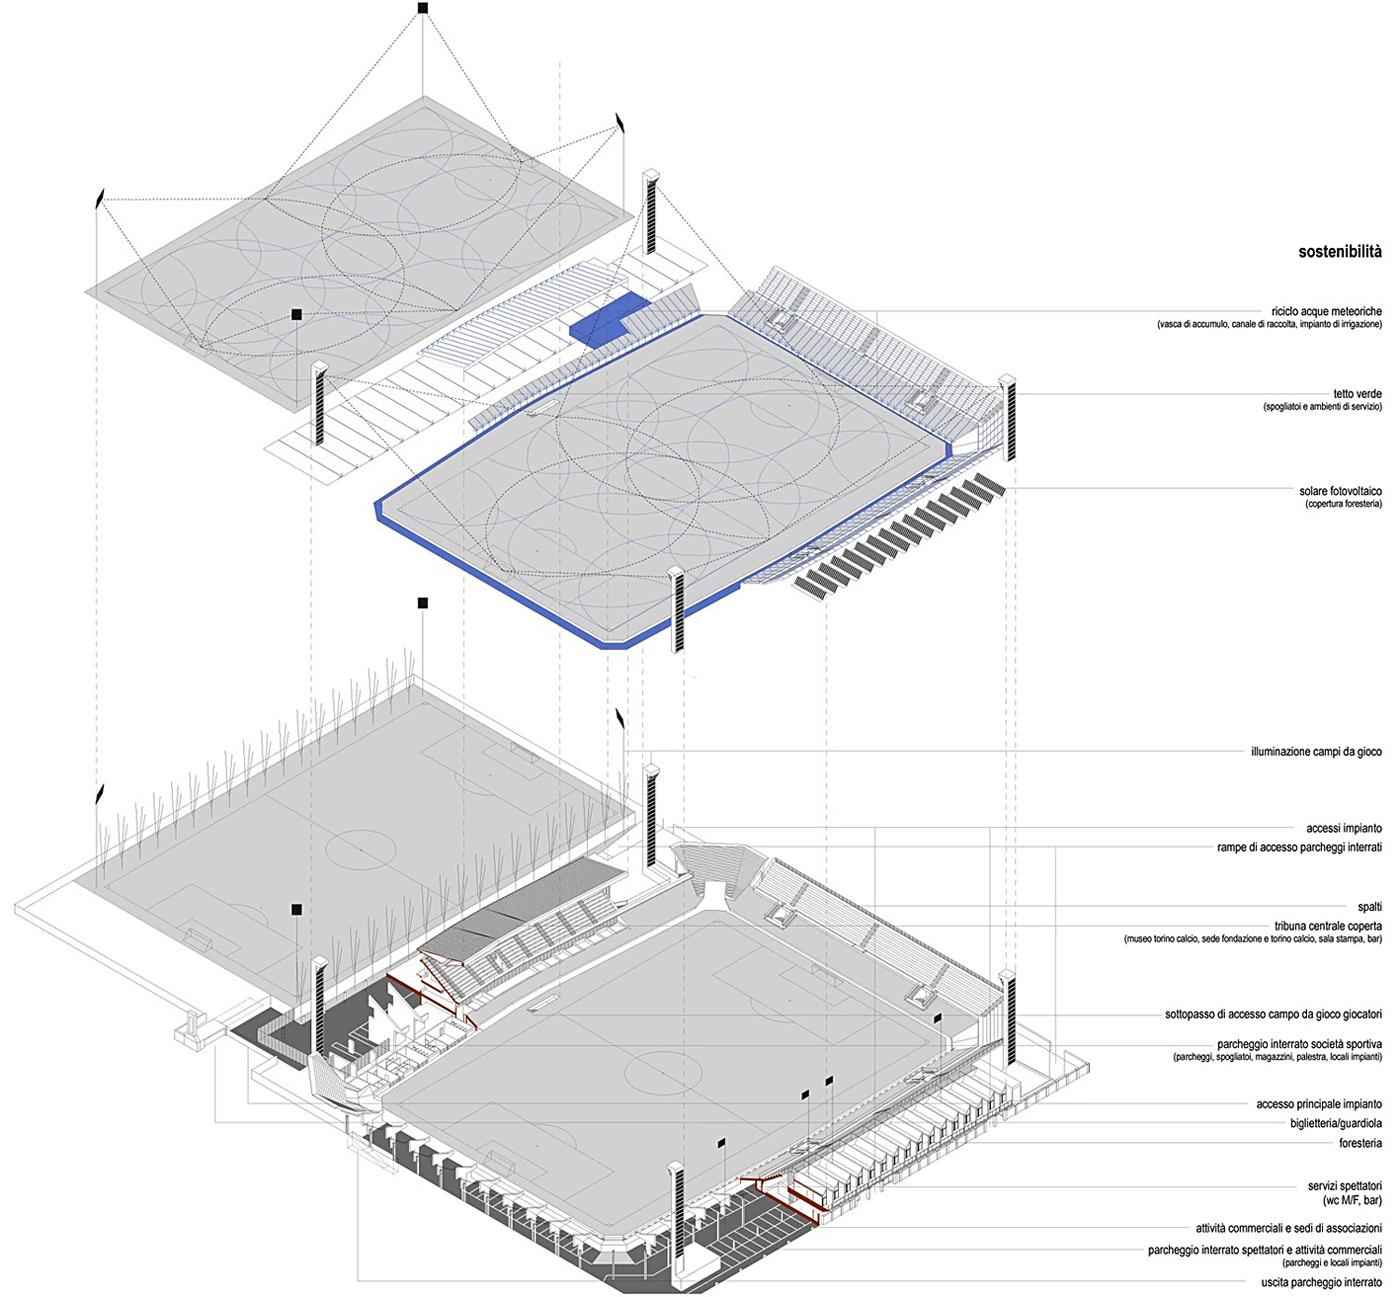 Nuovo Stadio Filadelfia a Torino. Progetto vincitore del concorso di idee. Schemi progettuali | Bottega di Architettura